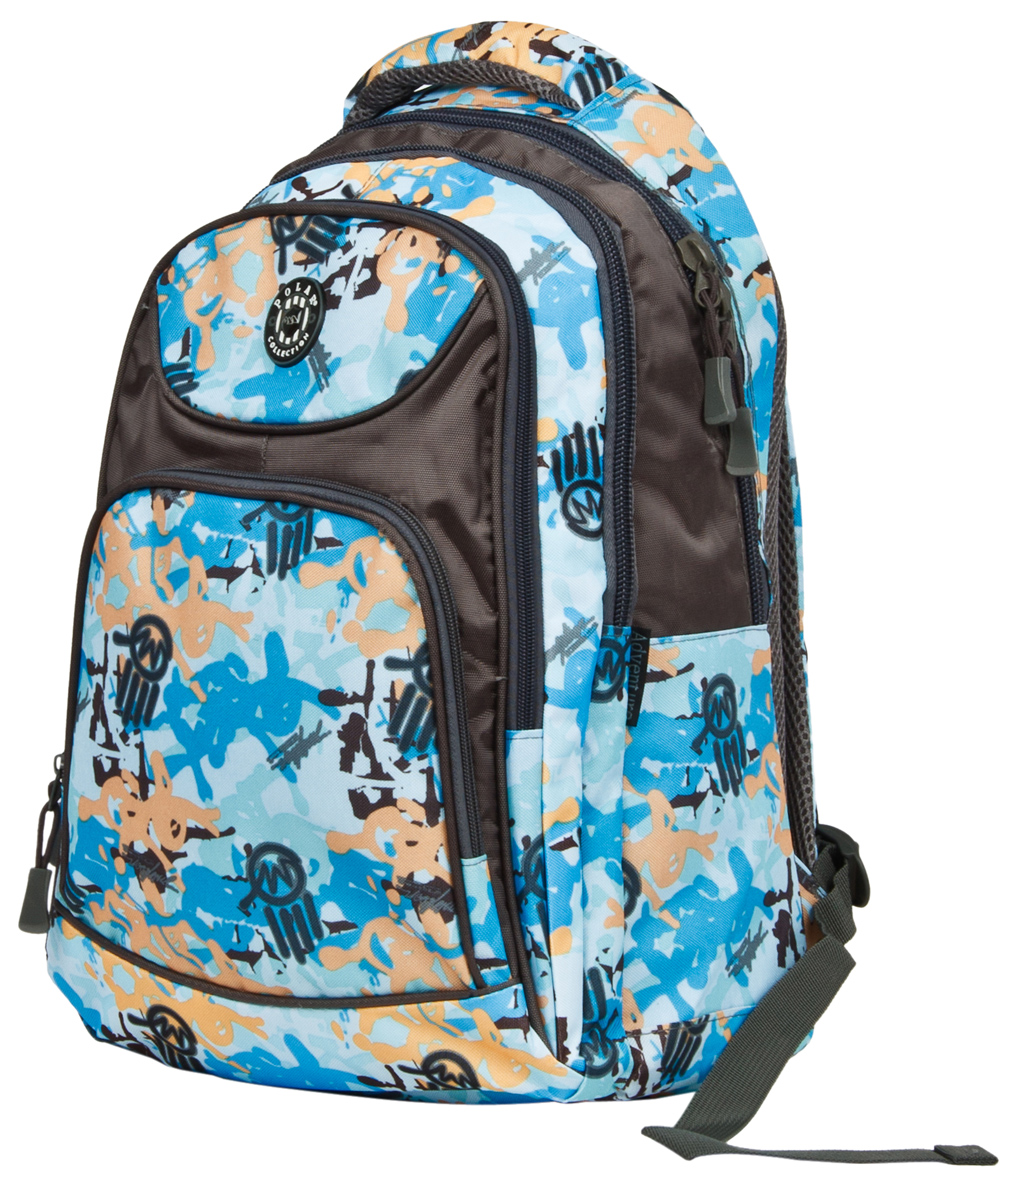 Рюкзак городской Polar, цвет: голубой, серый, 23,5 л. 80032 рюкзак городской polar 27 л цвет темно зеленый п1955 08